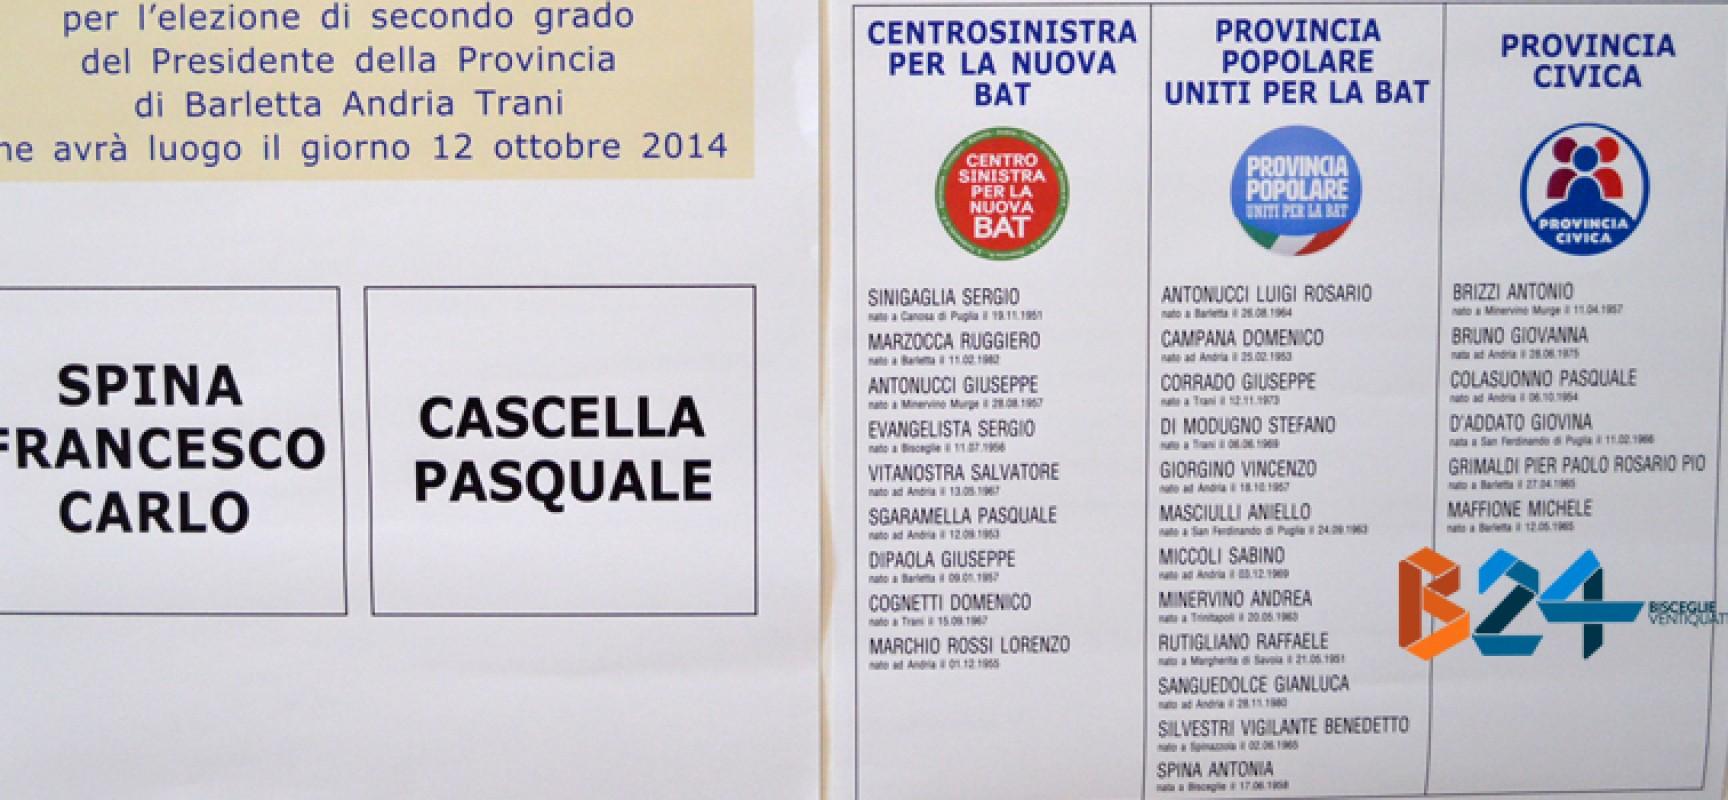 Elezioni provinciali, urne aperte oggi dalle 8 alle 20: modalità di voto e cosa cambierà